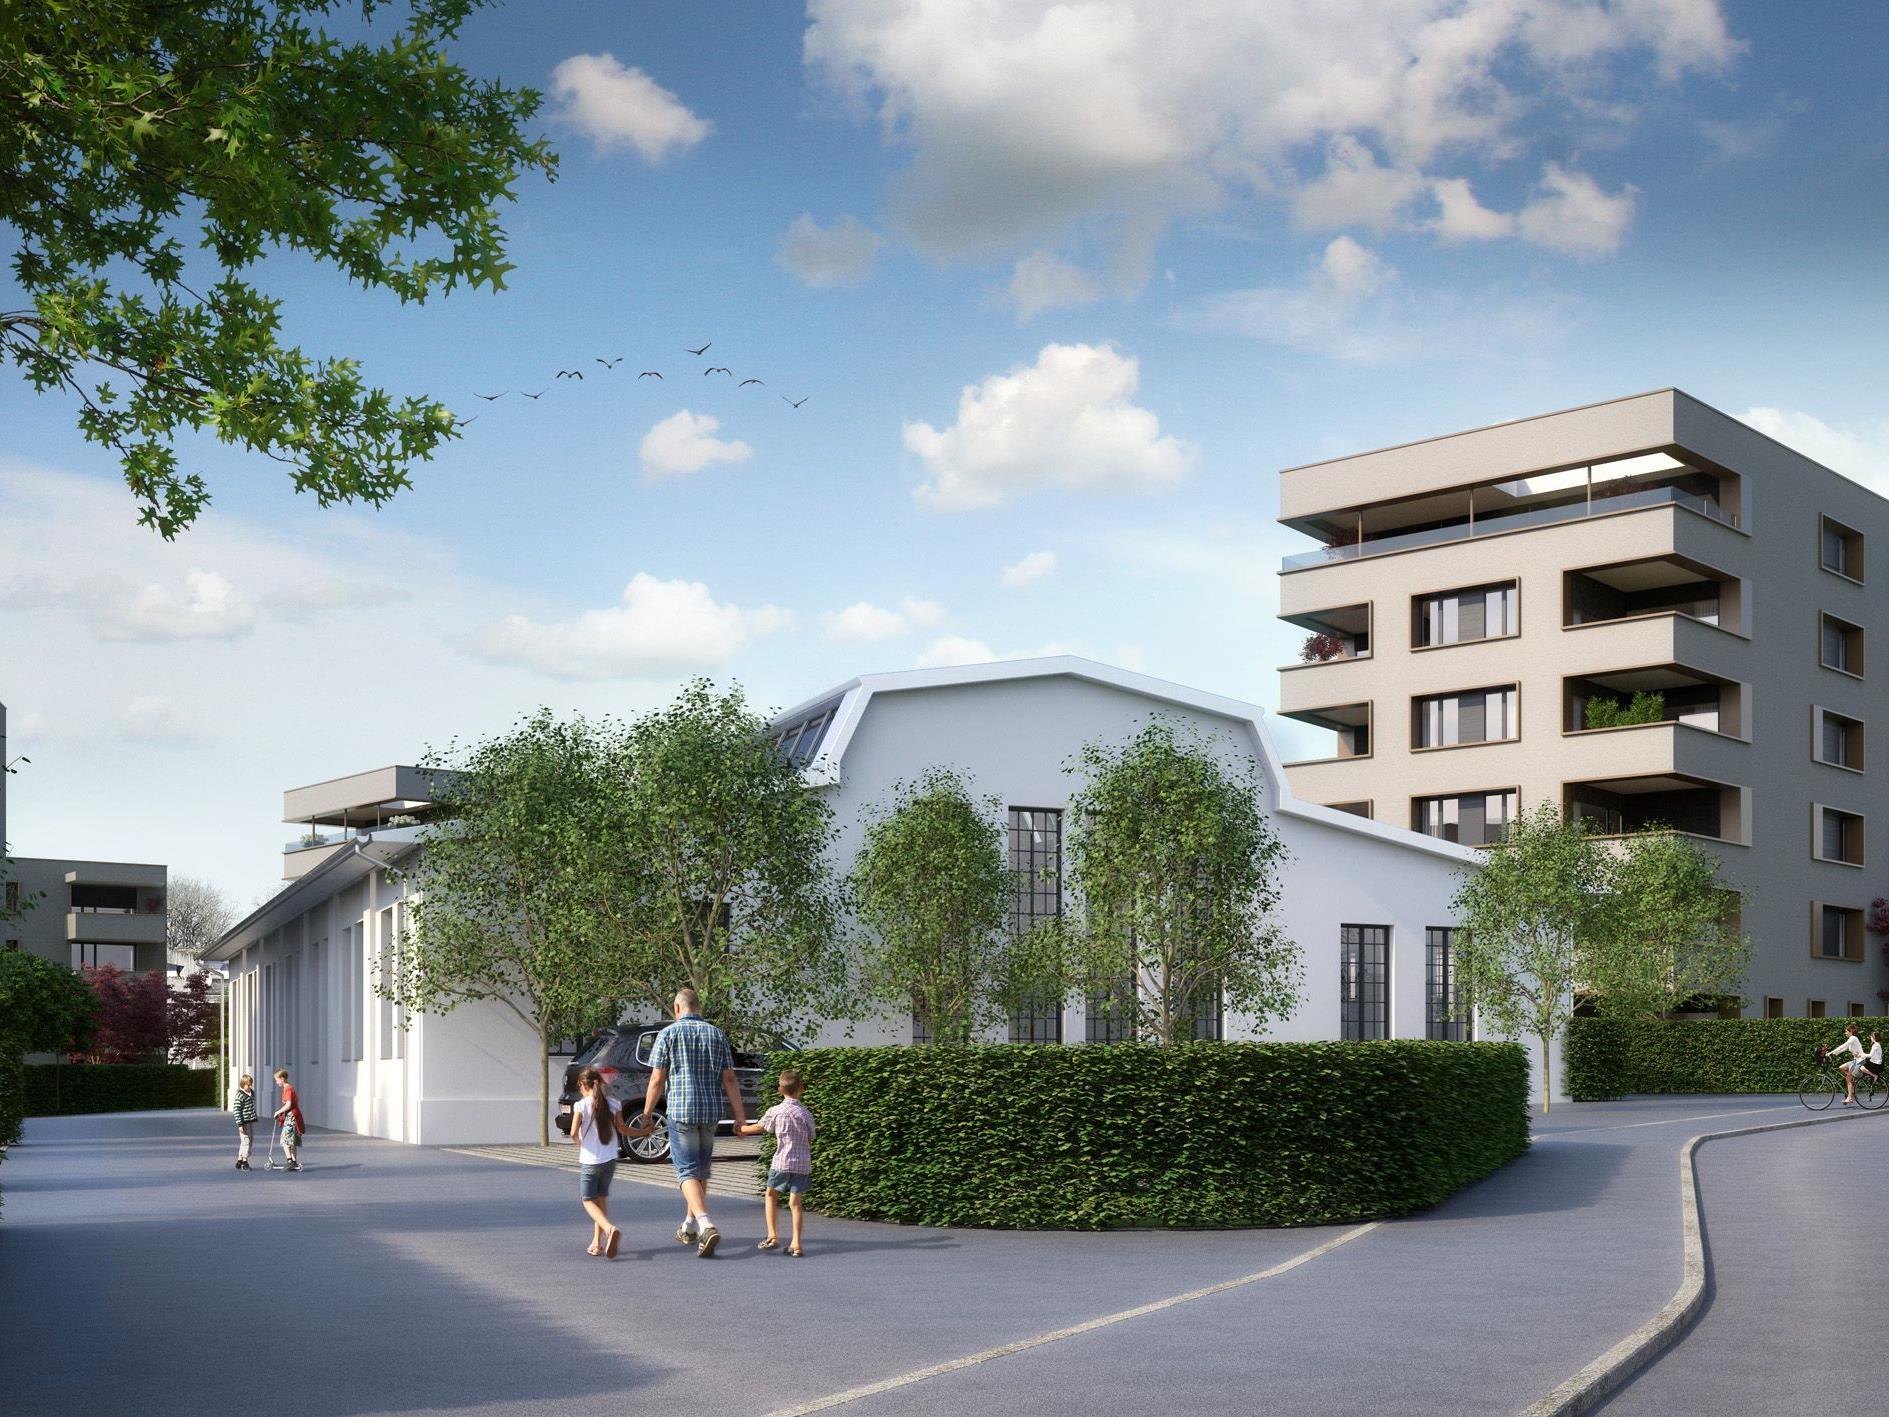 Auf 13.000 Qudratmetern entstehen in Lochau 140 Wohn- und Gewerbeeinheiten.